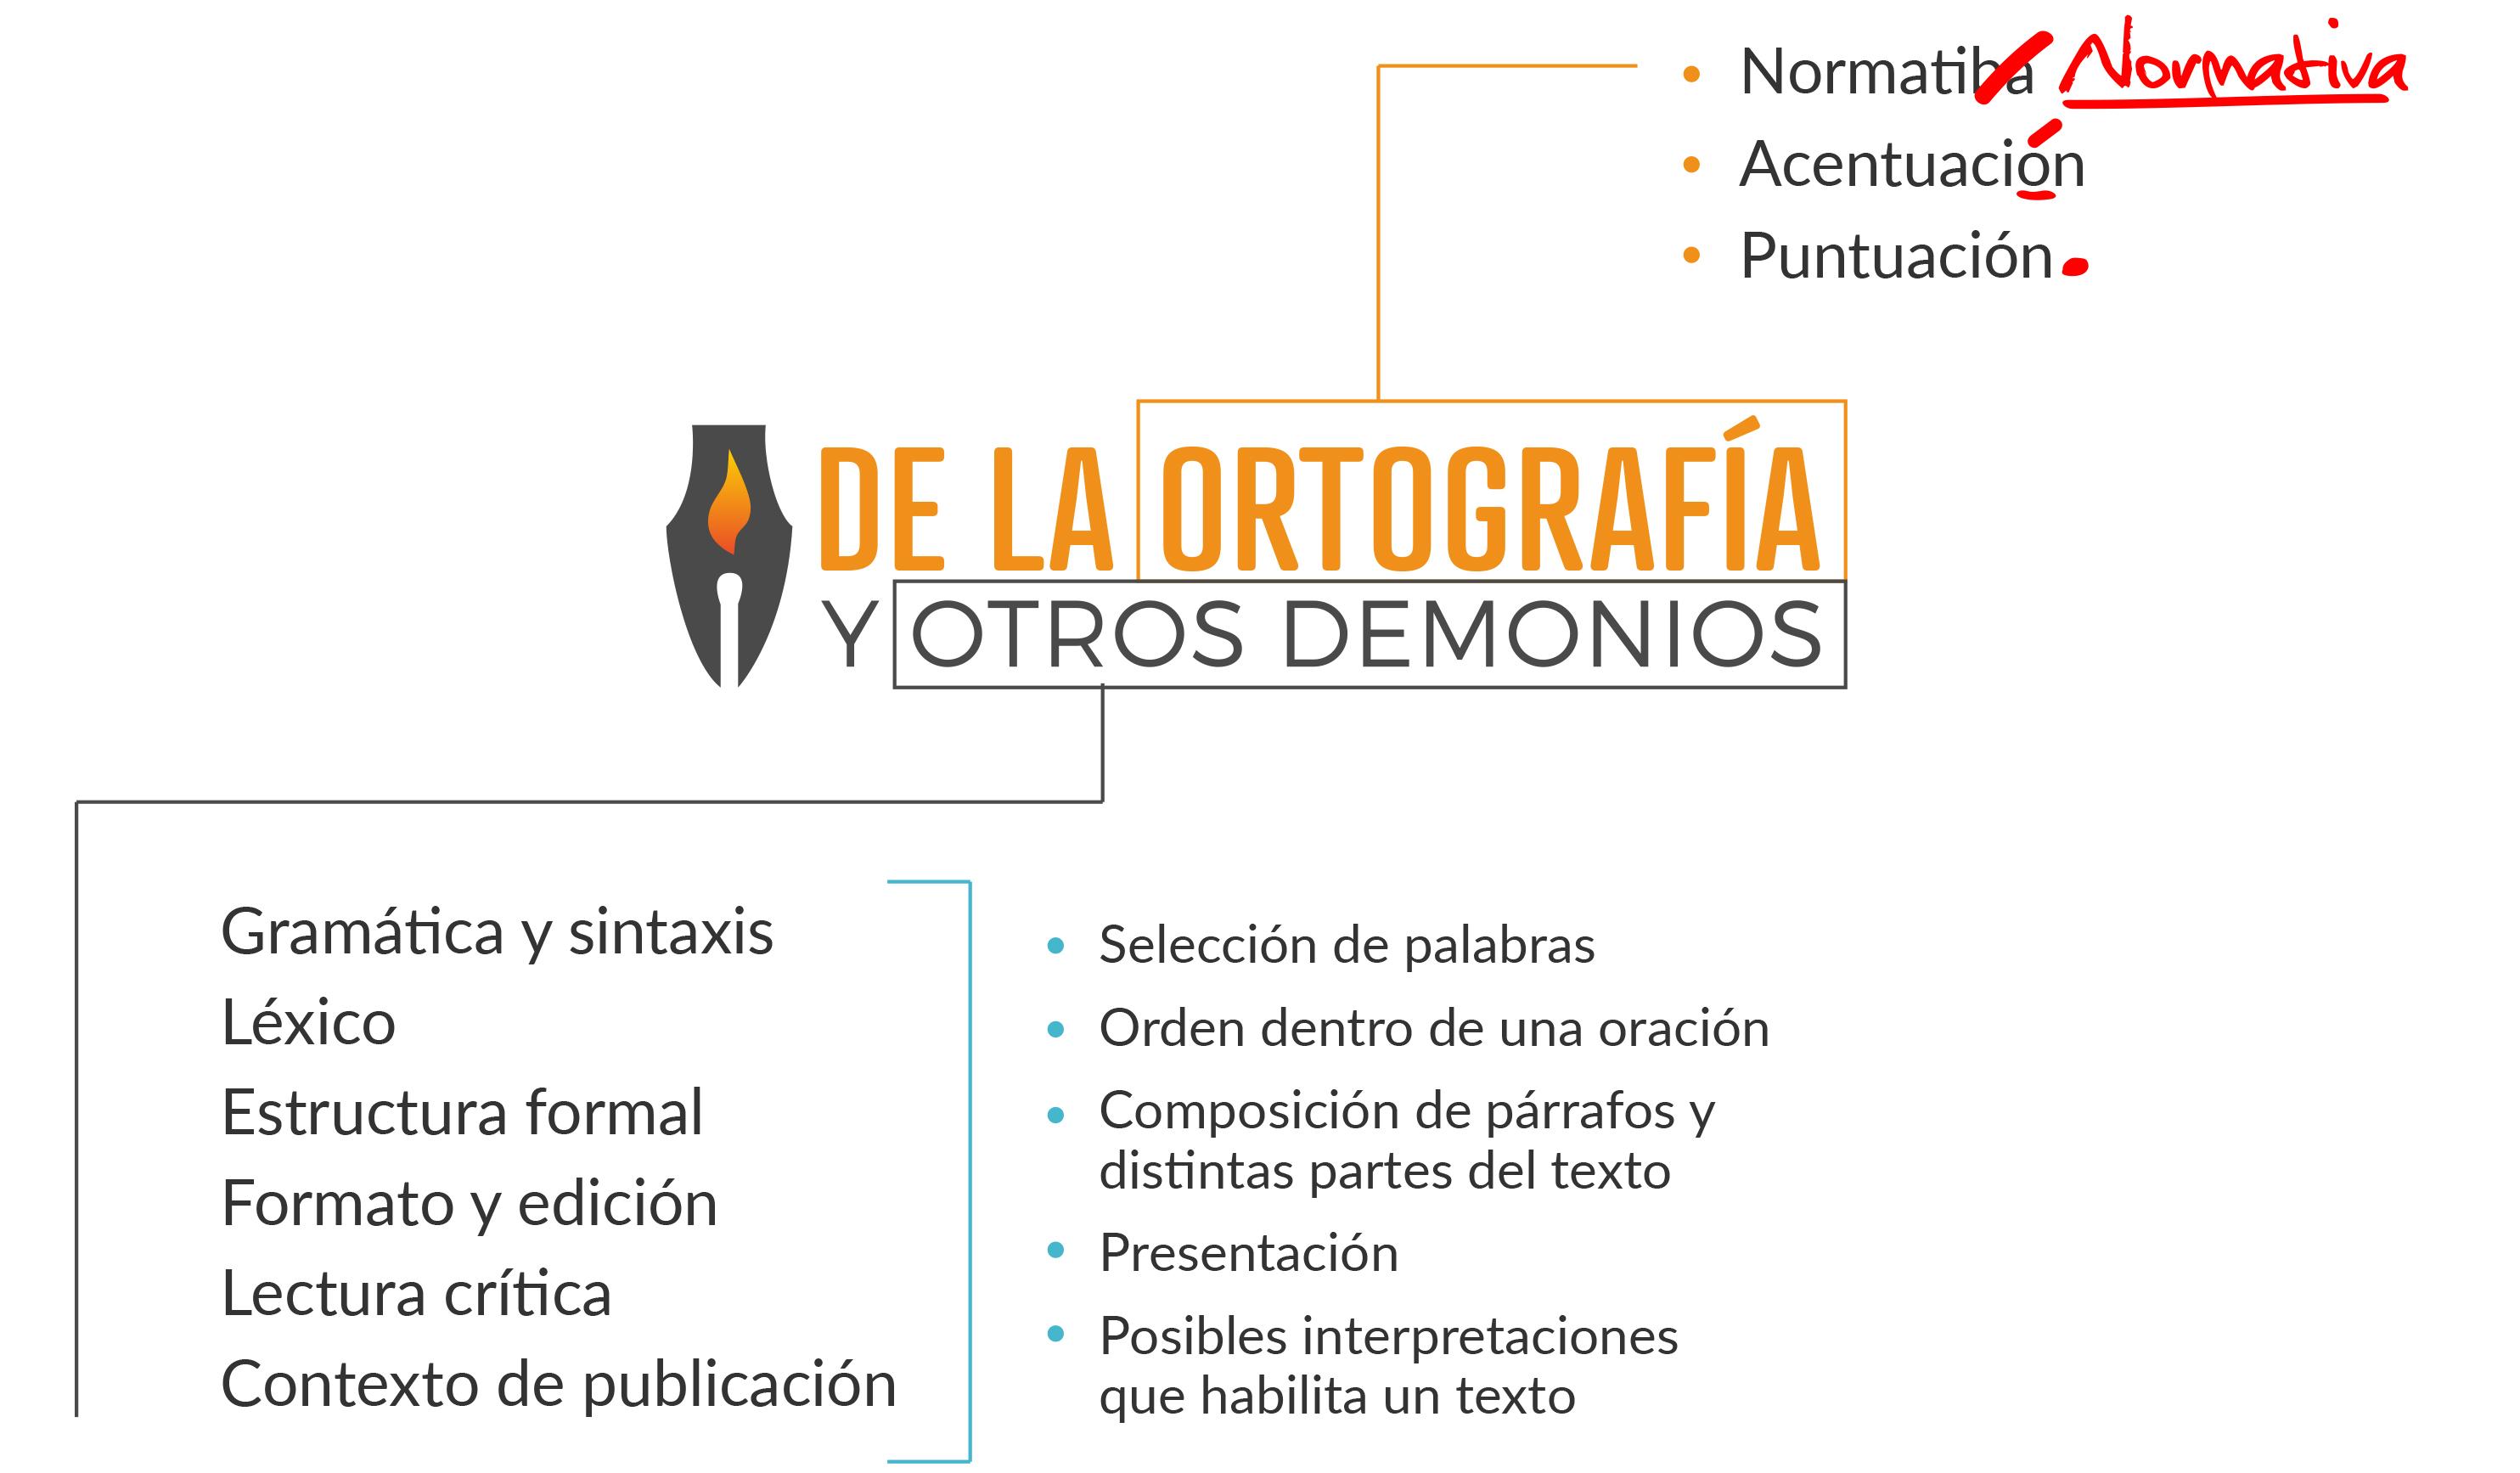 Nosotros – De la ortografía y otros demonios